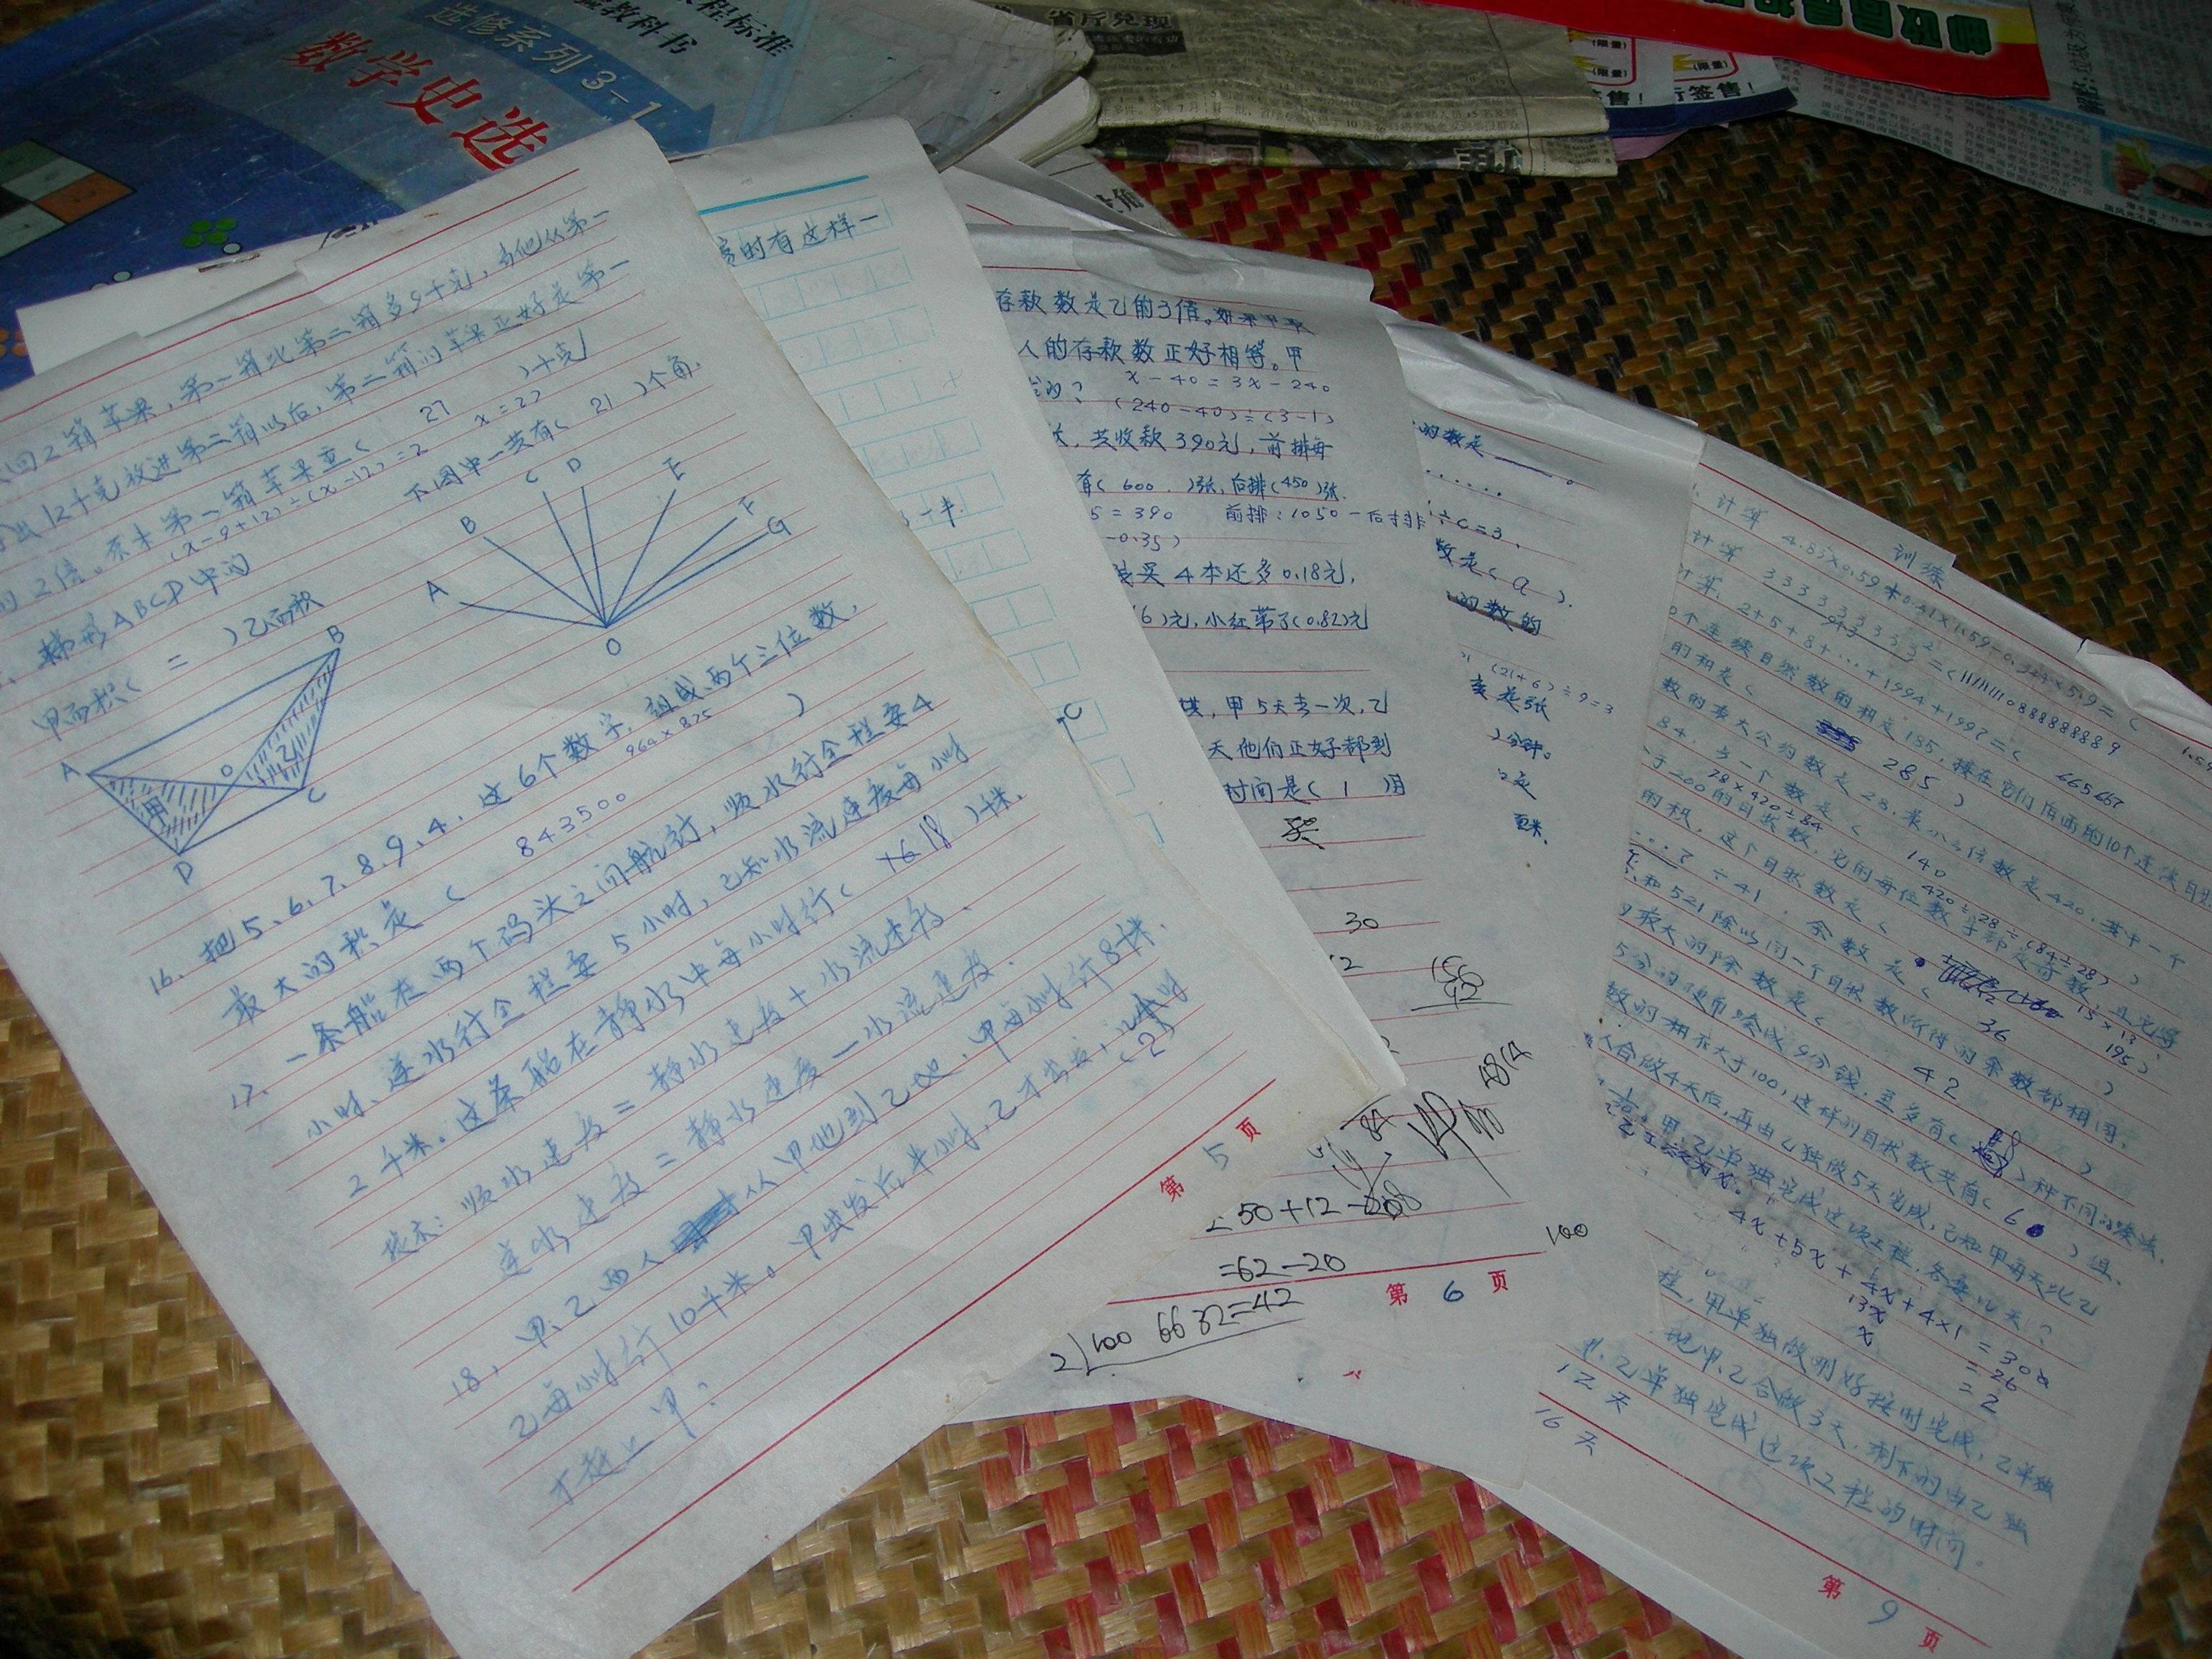 数学竞赛训练题目·回忆11.JPG